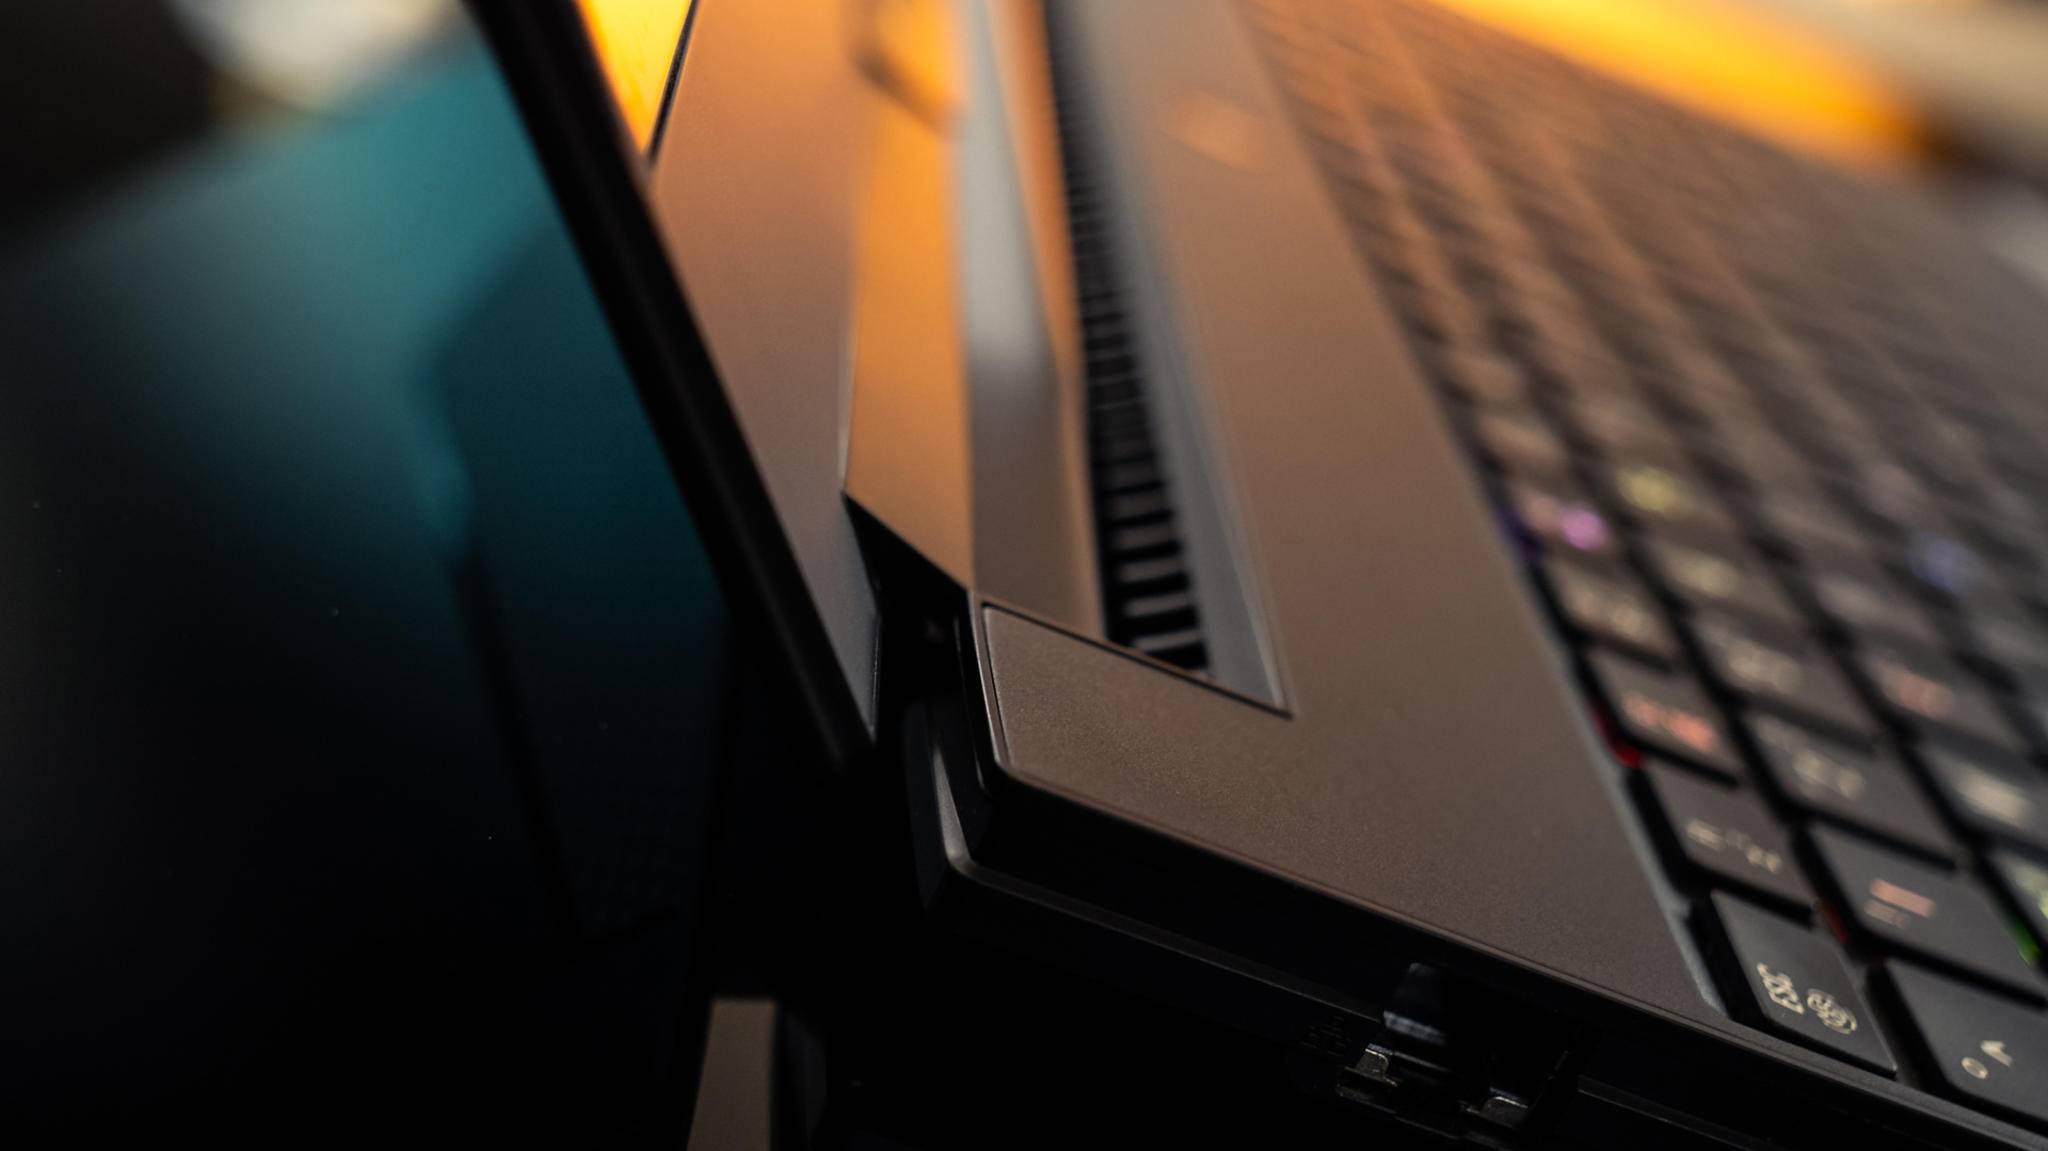 Starke Behauptung: Laut Nvidia-Chef Huang haben die PS5 und Xbox Series X keine Chance gegen Nvidias  RTX-2080-Max-Q-Laptops.